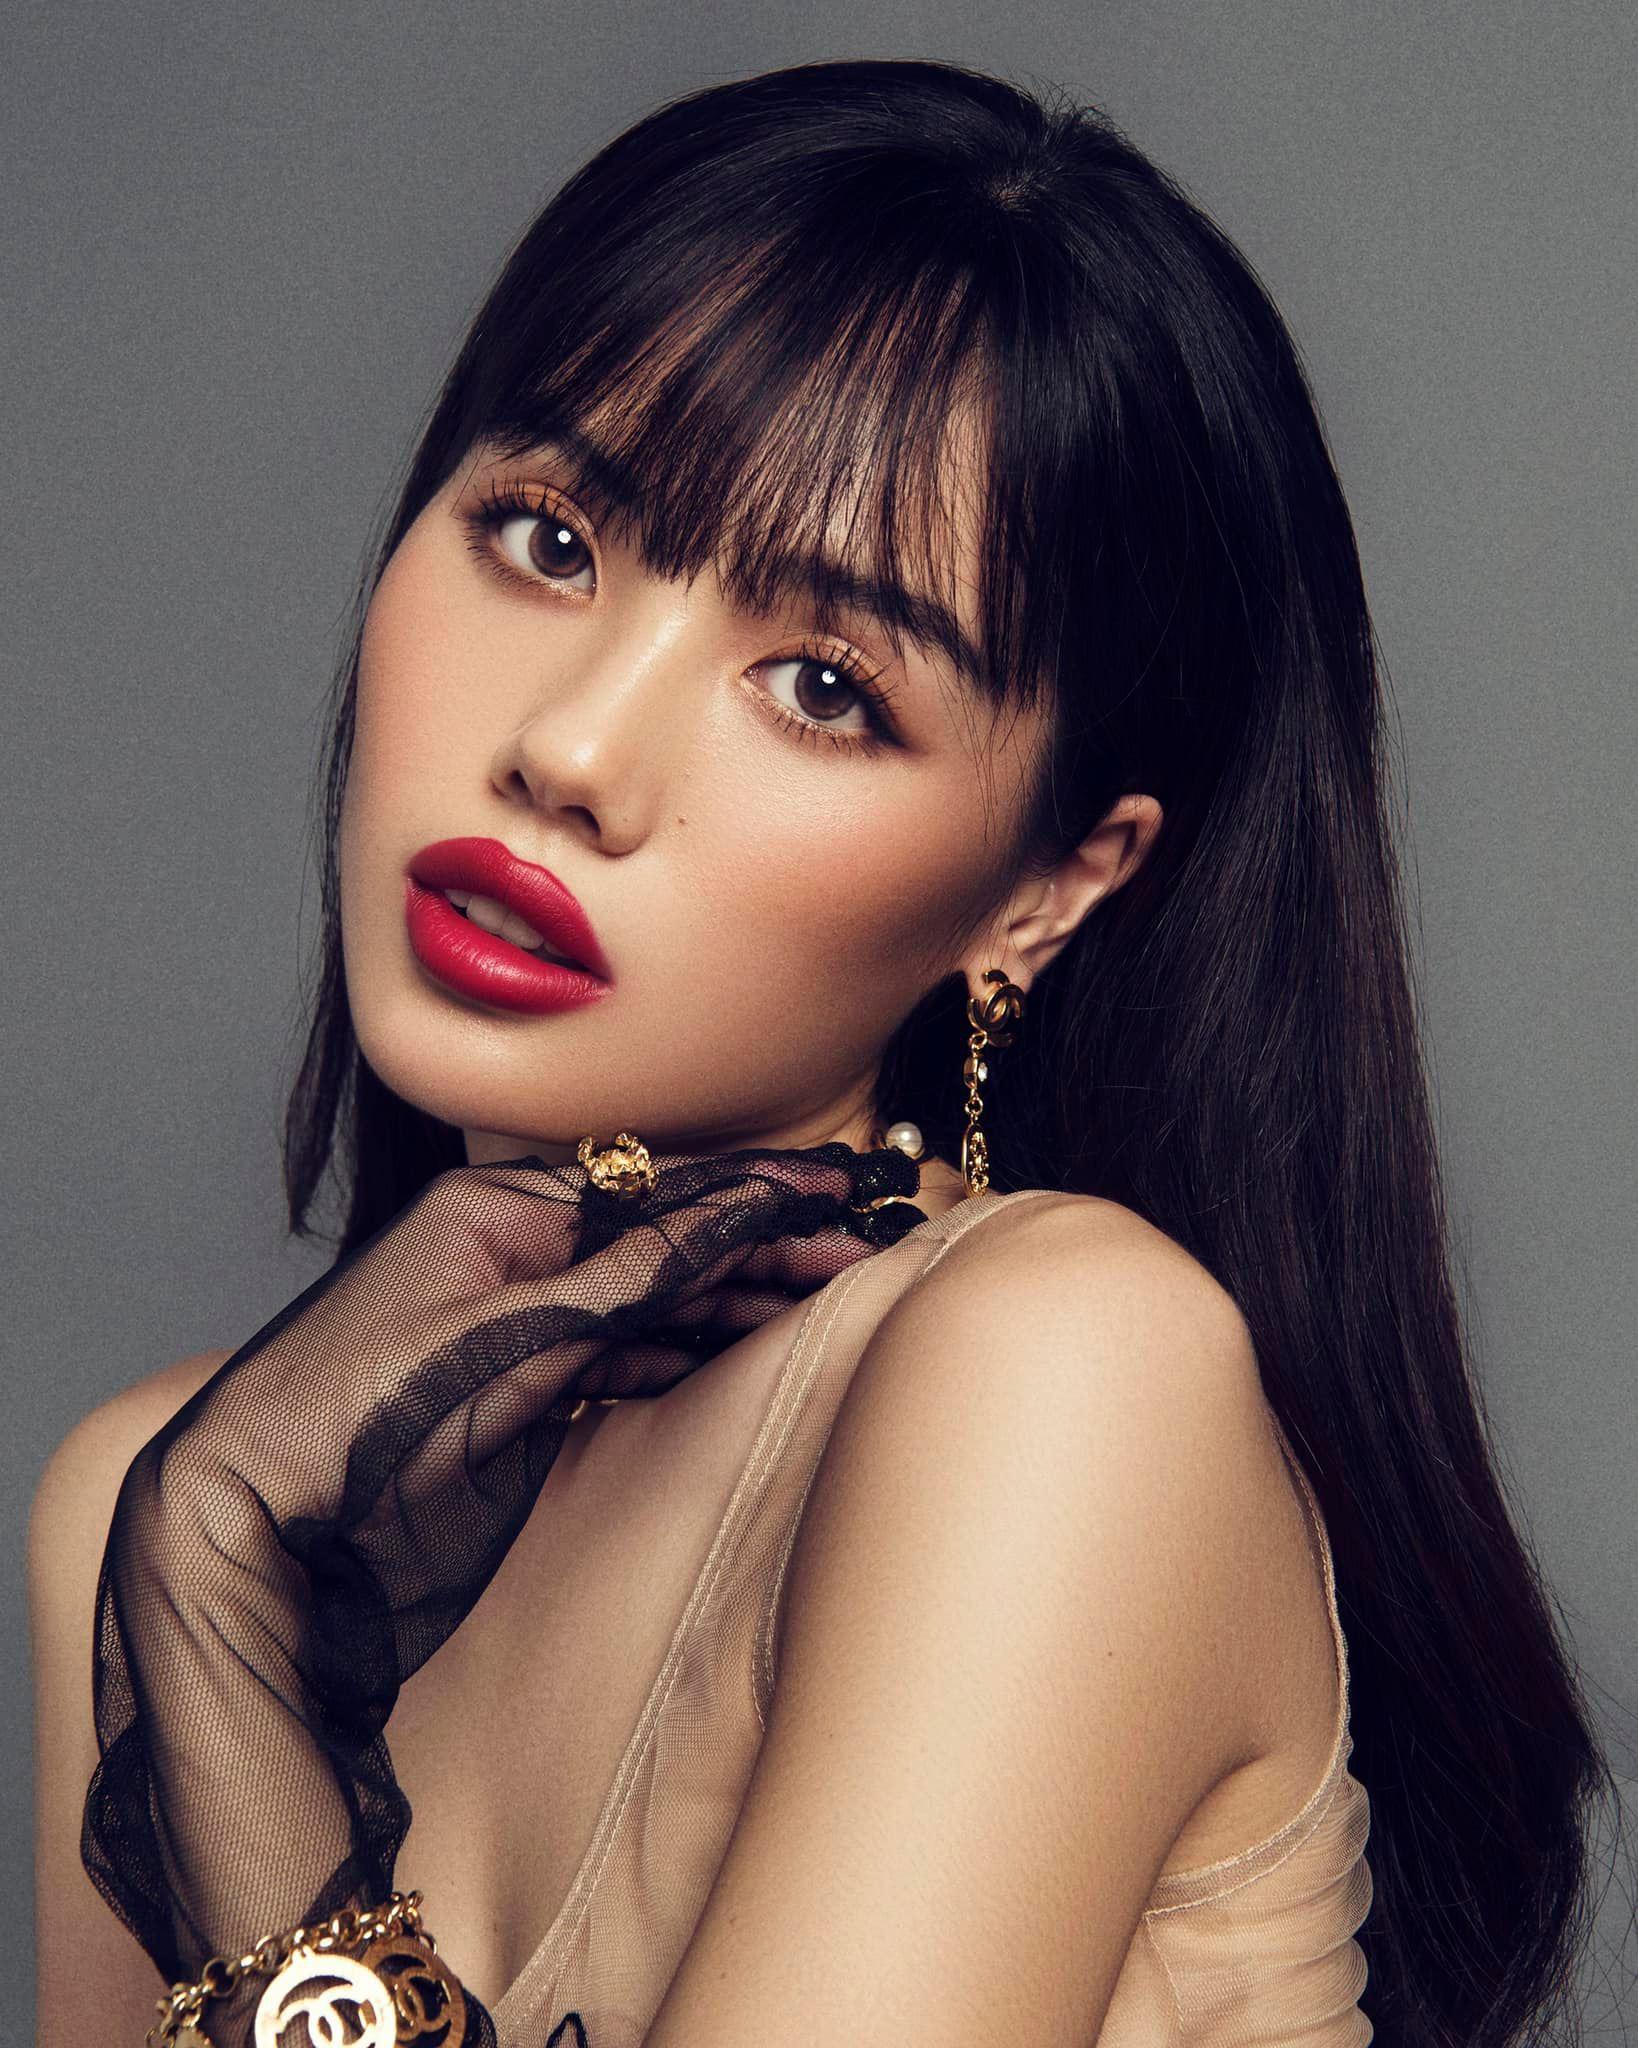 Vẻ nóng bỏng của hot girl vướng tin đồn hẹn hò Trương Thế Vinh